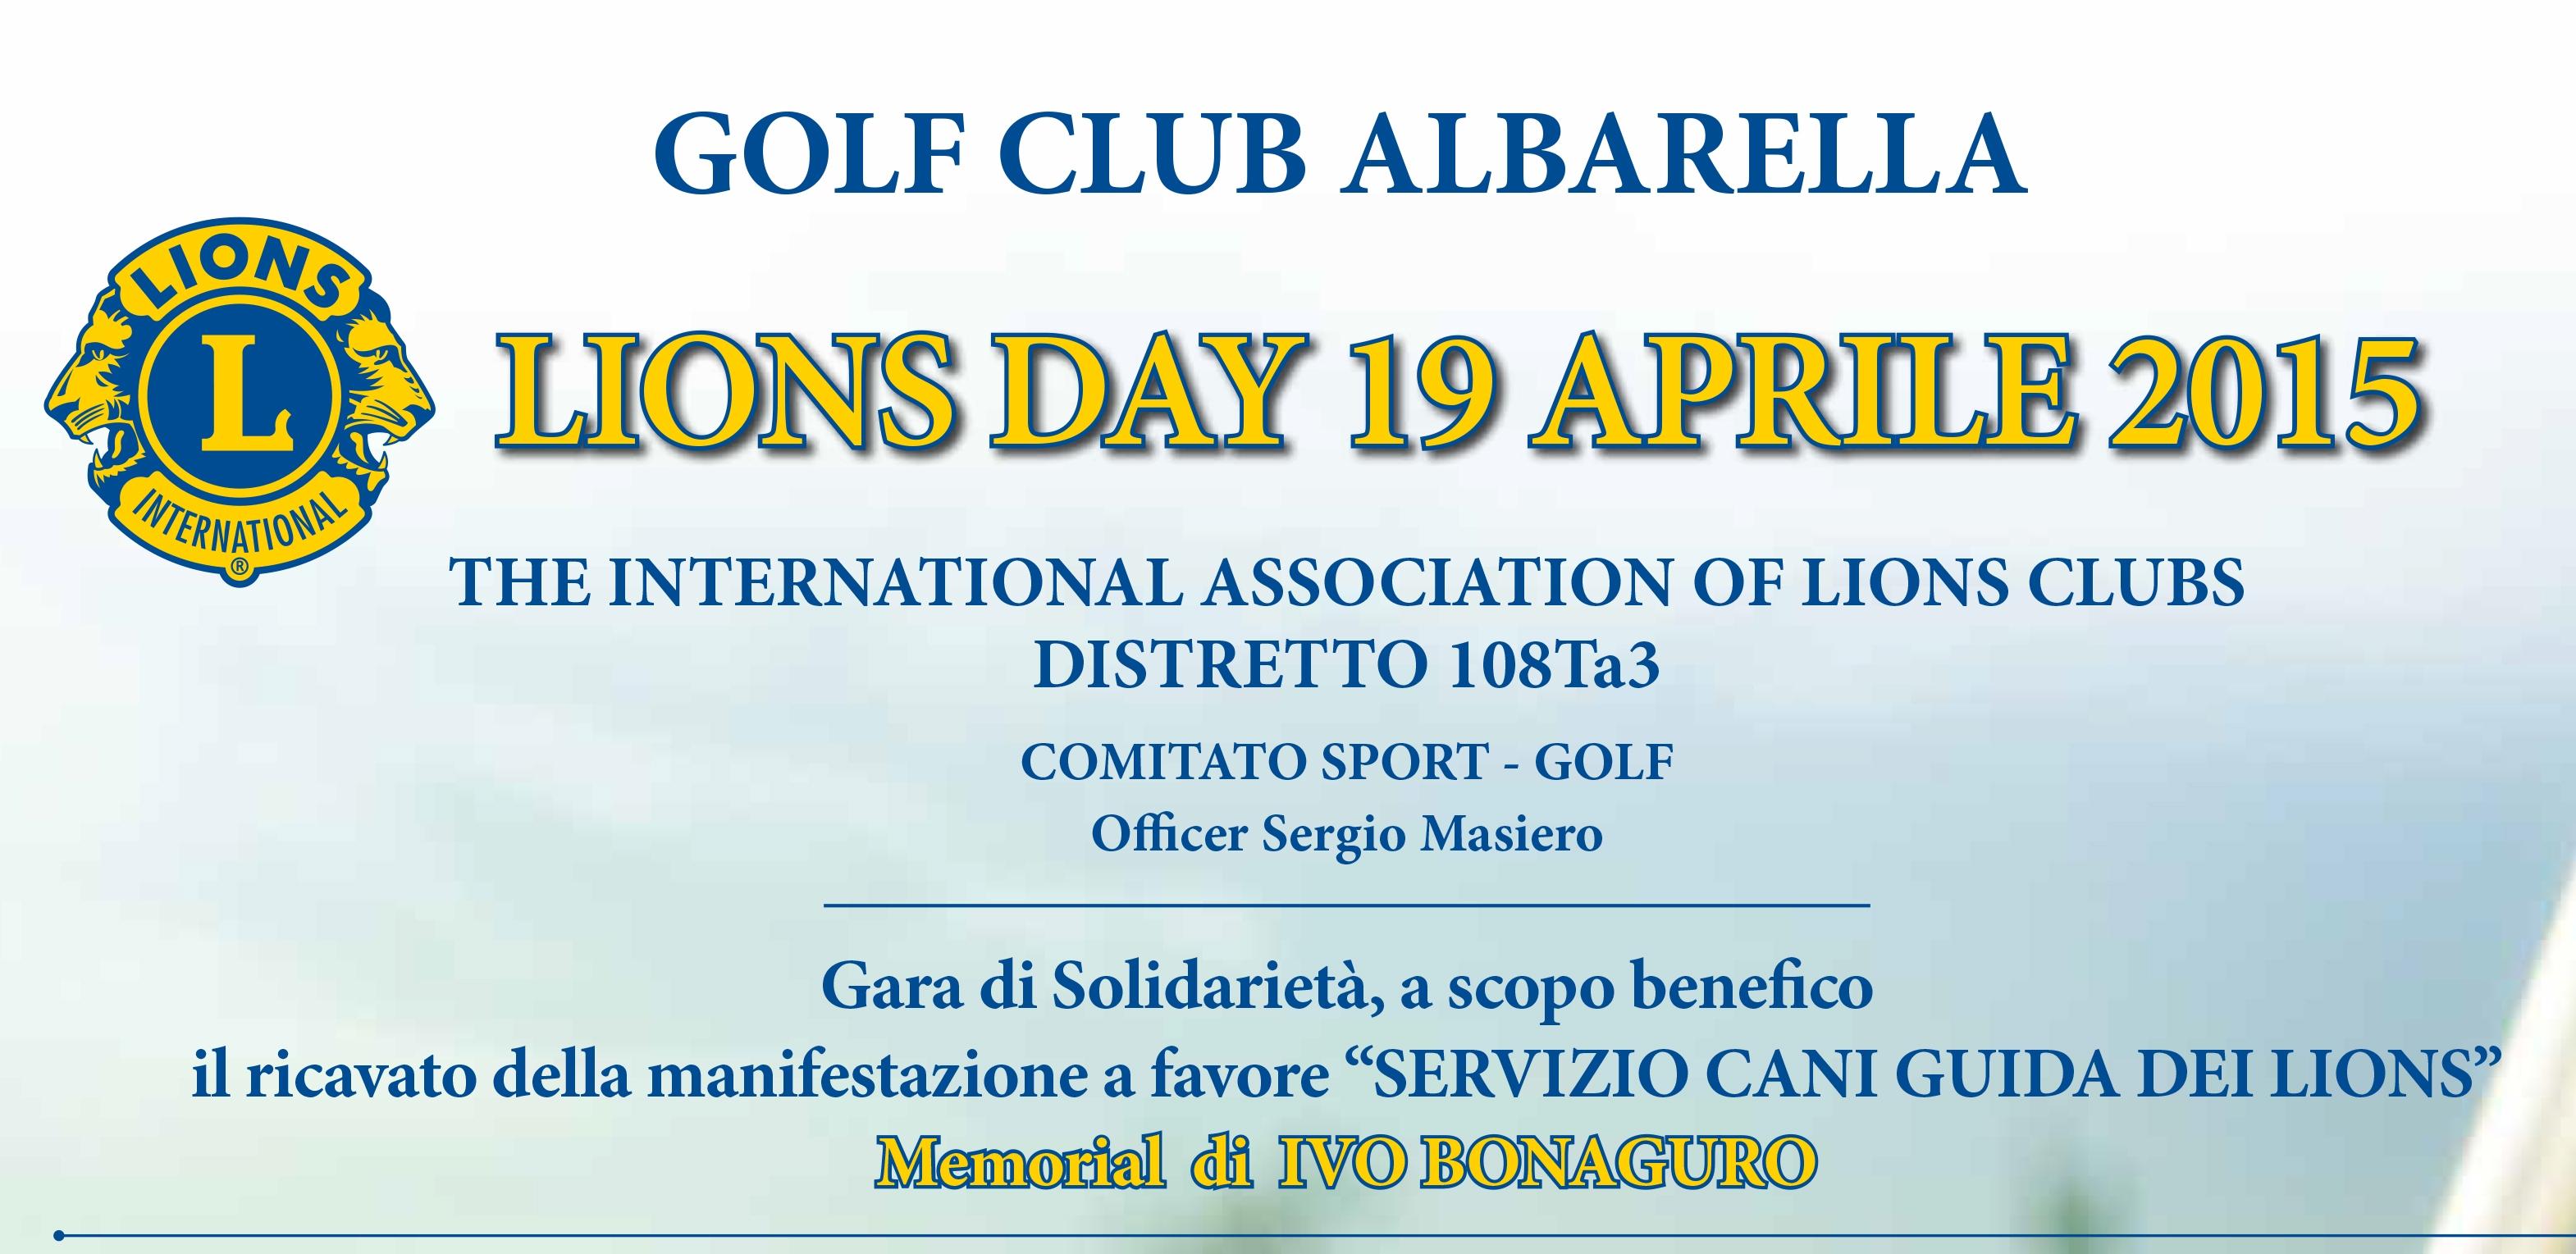 COMITATO SPORT Distretto 108 Ta3: LIONS DAY